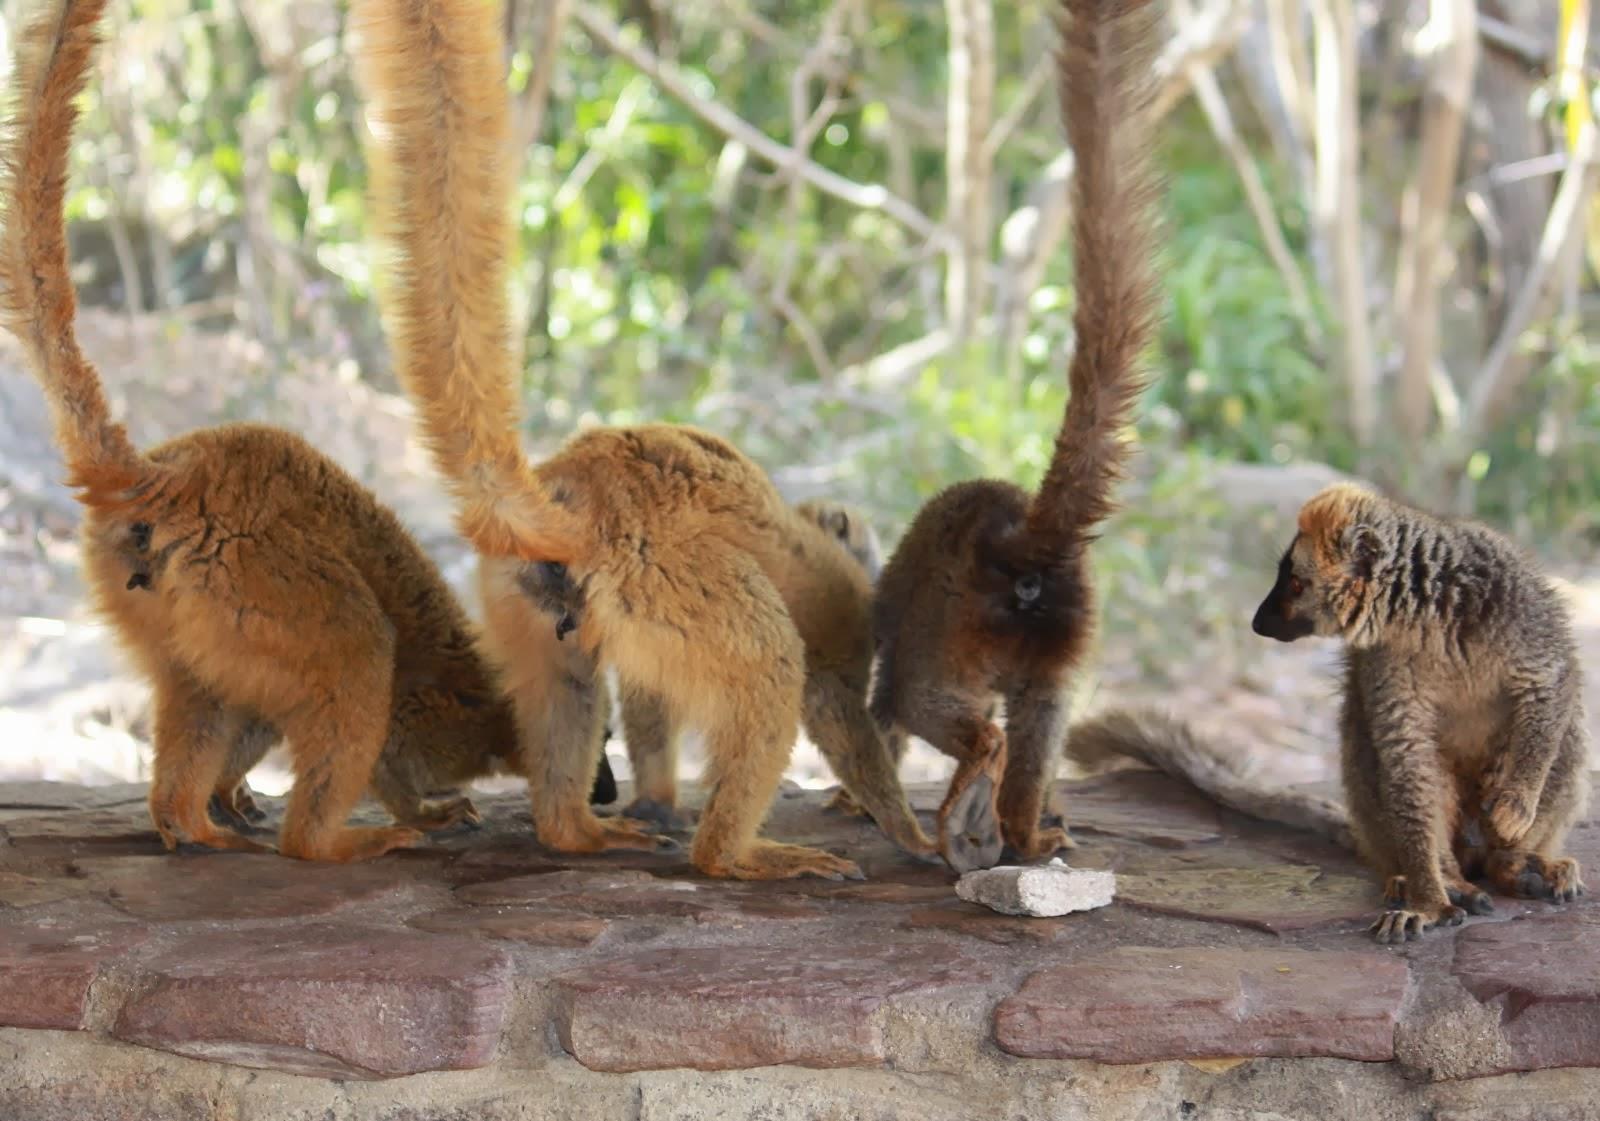 Four Lemurs